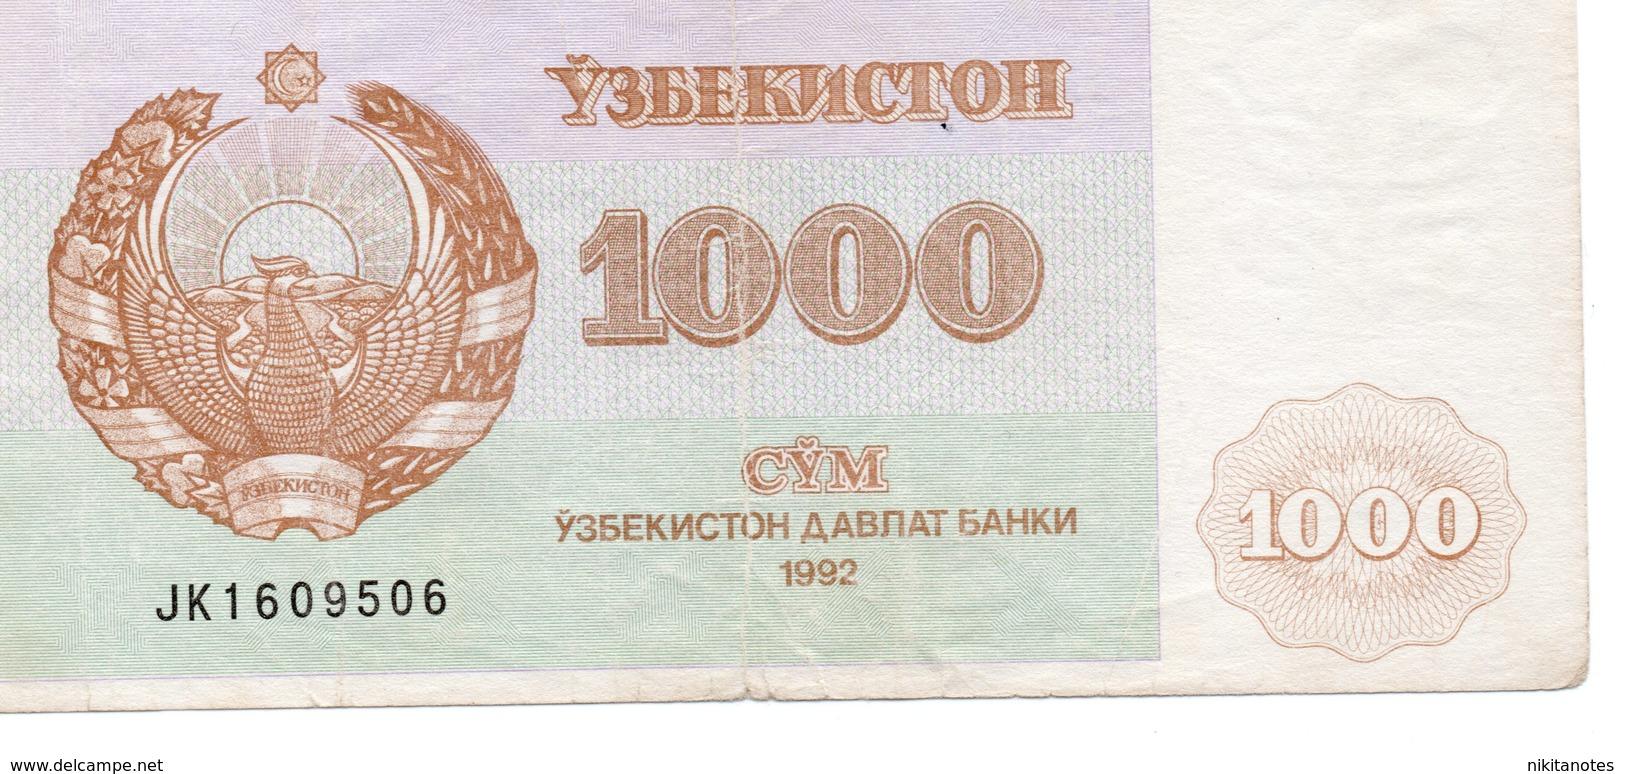 TURKMENISTAN RUSSIA 10 MANAT P3 1993 NIYAZOV UNC NOTE - Turkménistan